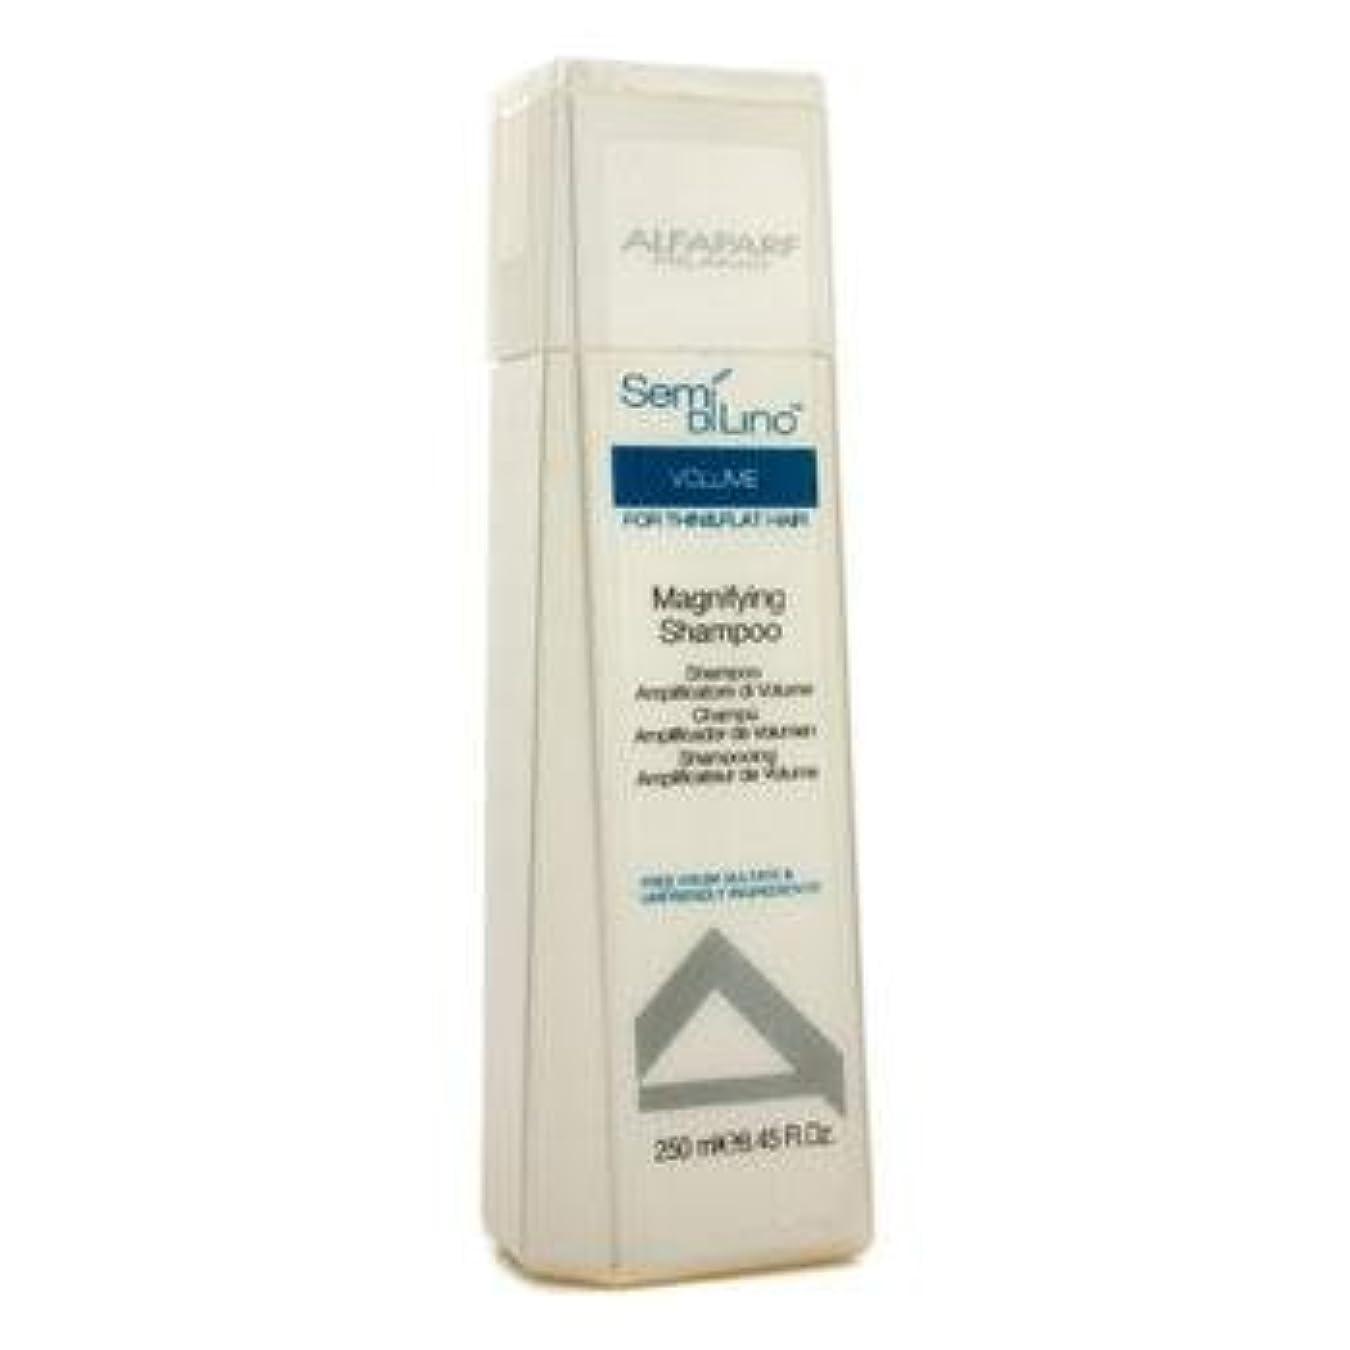 鉄ナイロン歯車アルファパルフ Semi Di Lino Volume Magnifying Shampoo (For Thin & Flat Hair) 250ml [海外直送品]